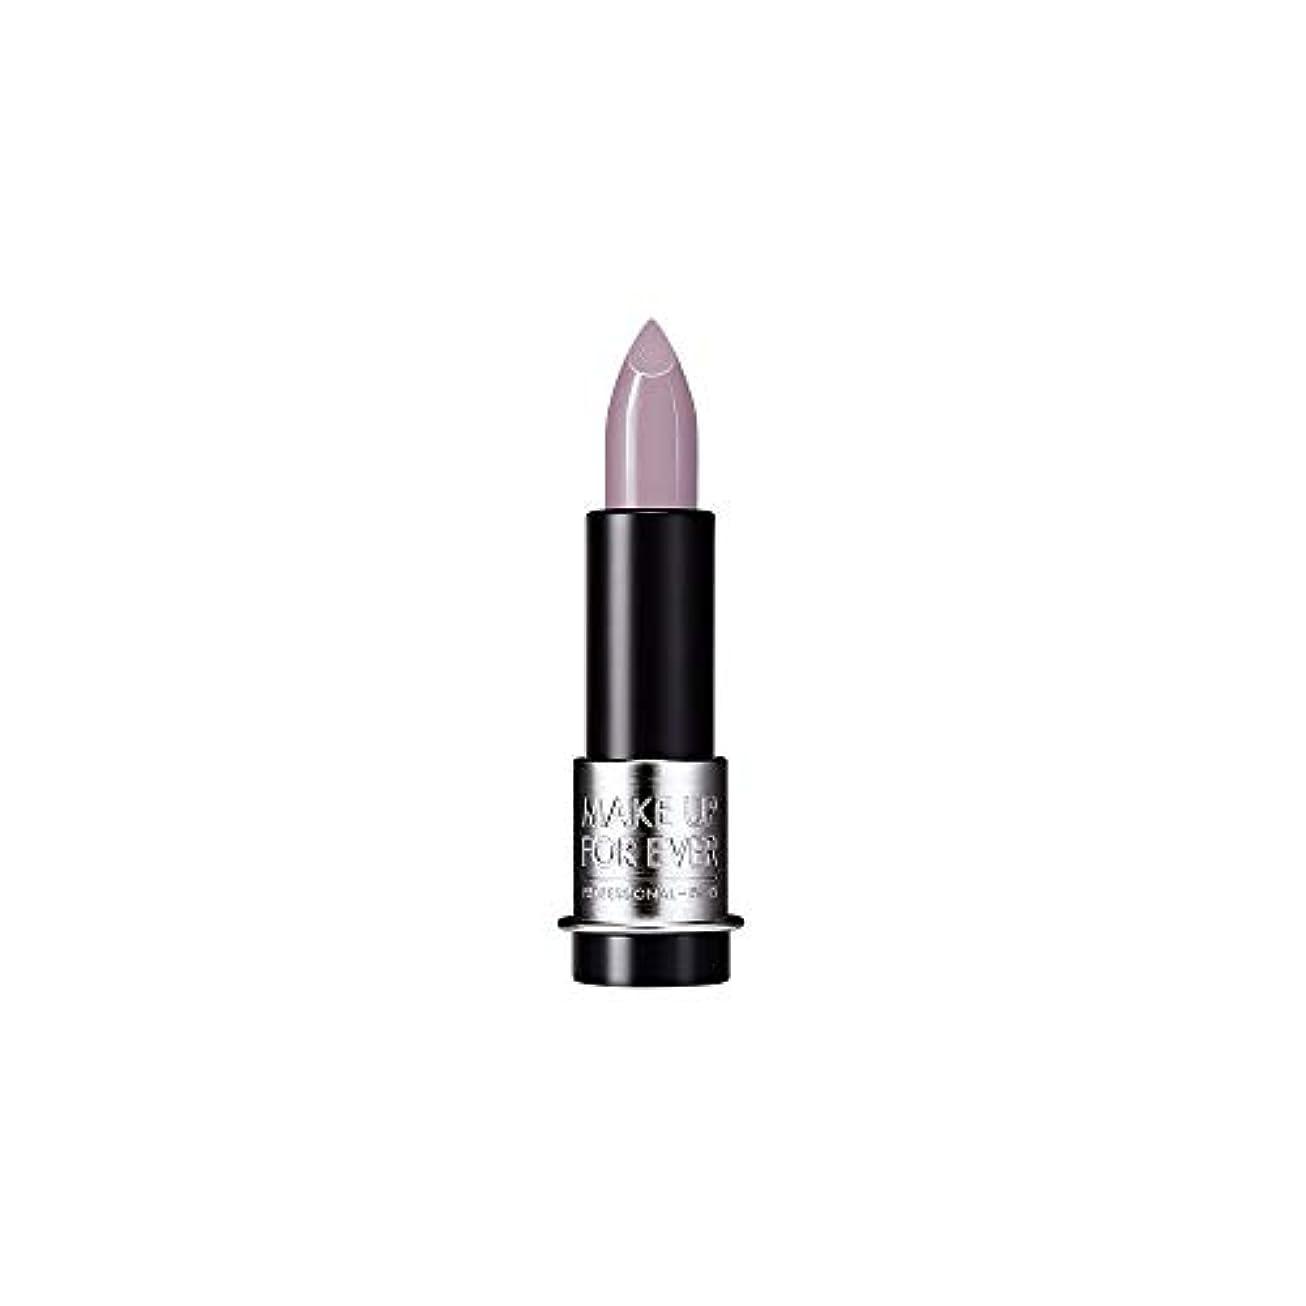 溝フィットムスタチオ[MAKE UP FOR EVER] これまでアーティストルージュクリーム口紅3.5グラムのC502を補う - トープバイオレット - MAKE UP FOR EVER Artist Rouge Creme Lipstick 3.5g C502 - Taupe Violet [並行輸入品]